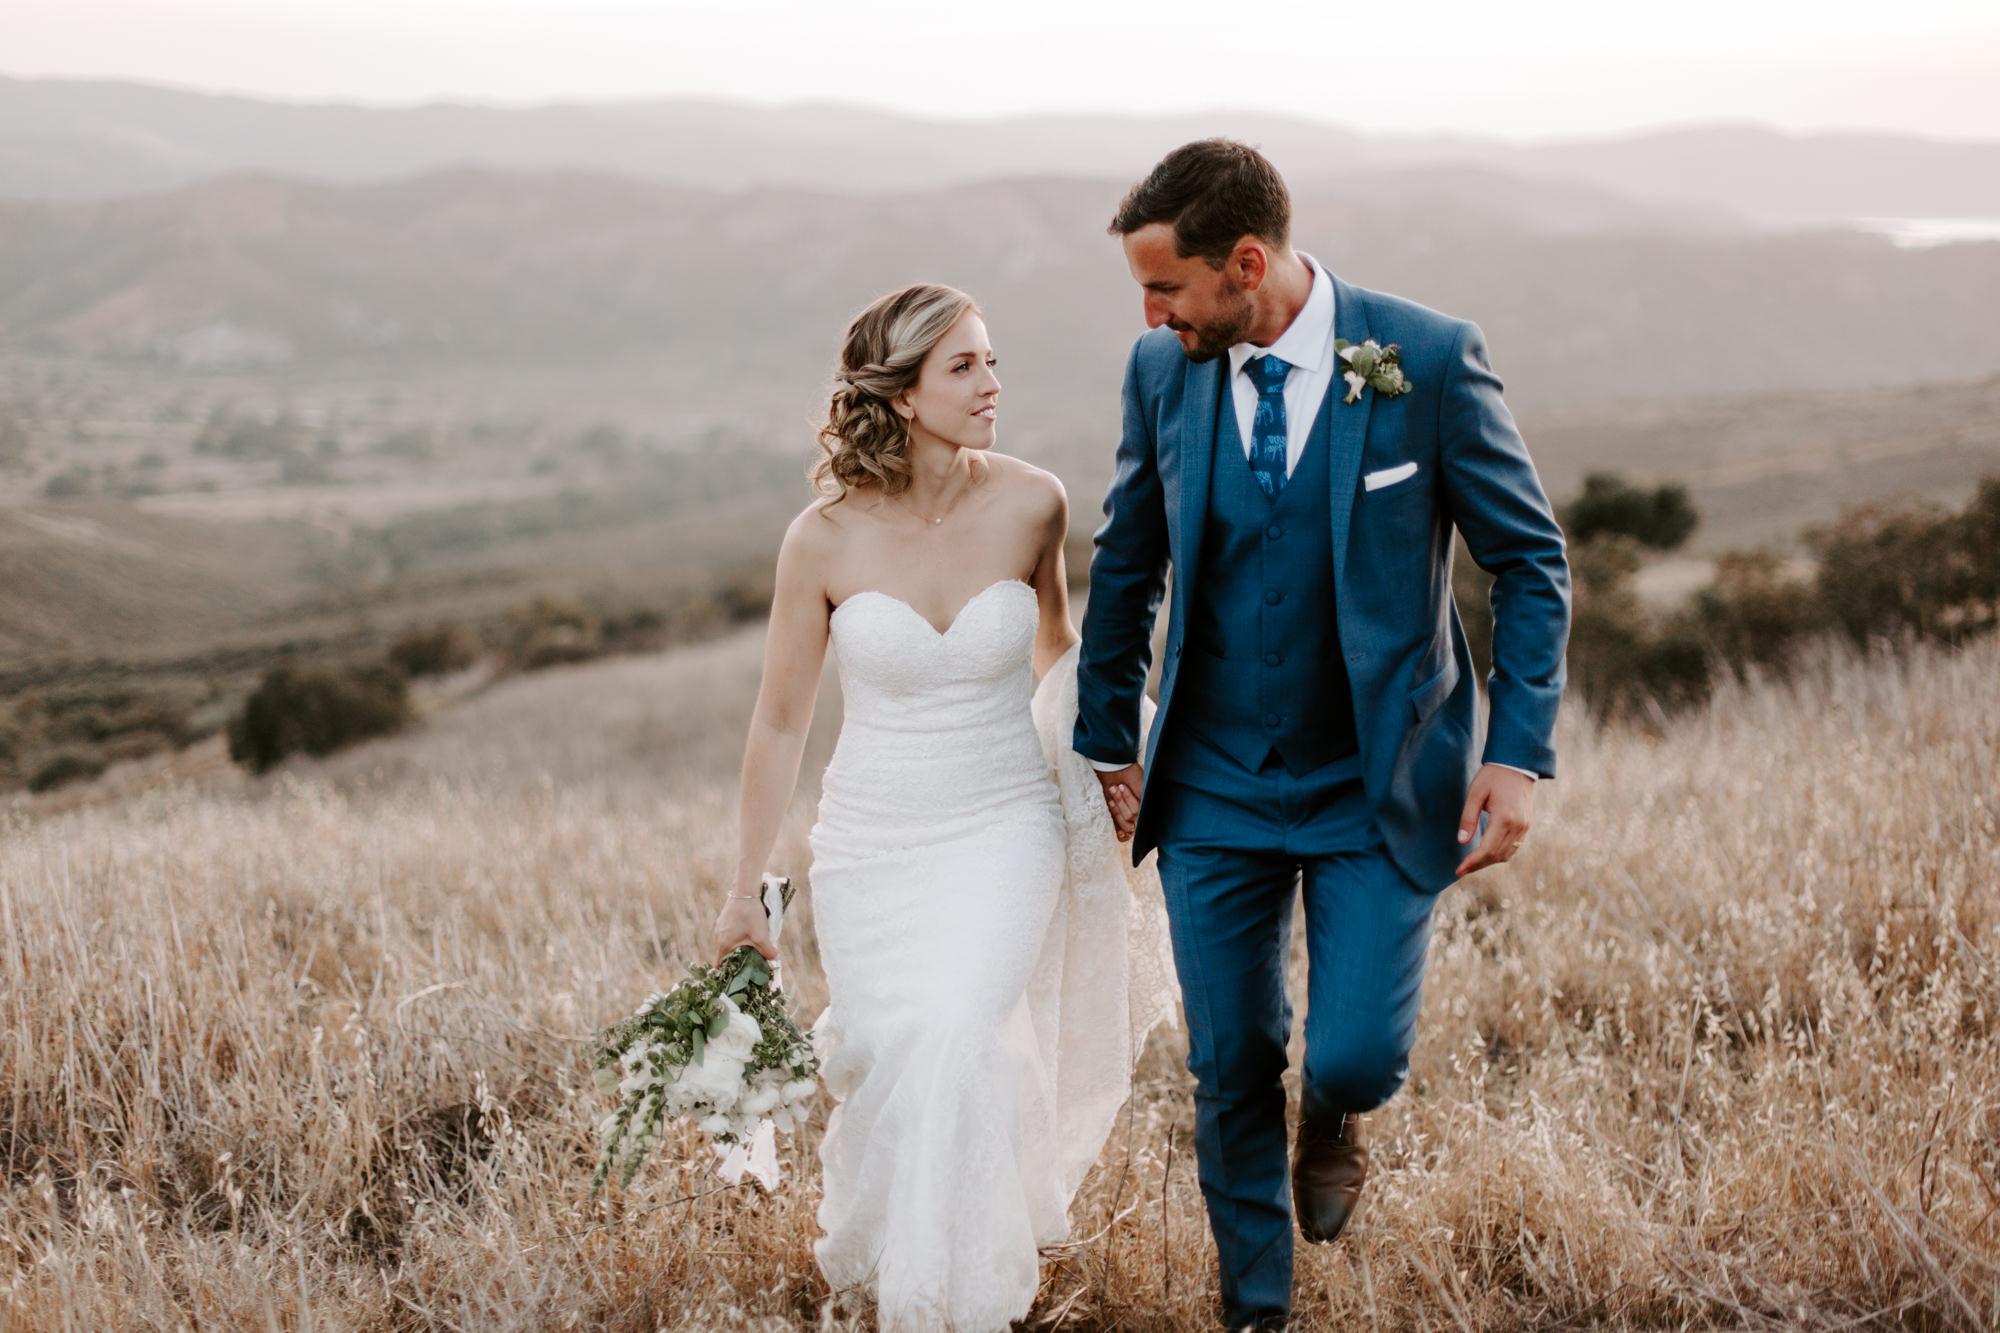 San Diego Wedding photography in Silverado Backyard Wedding068.jpg